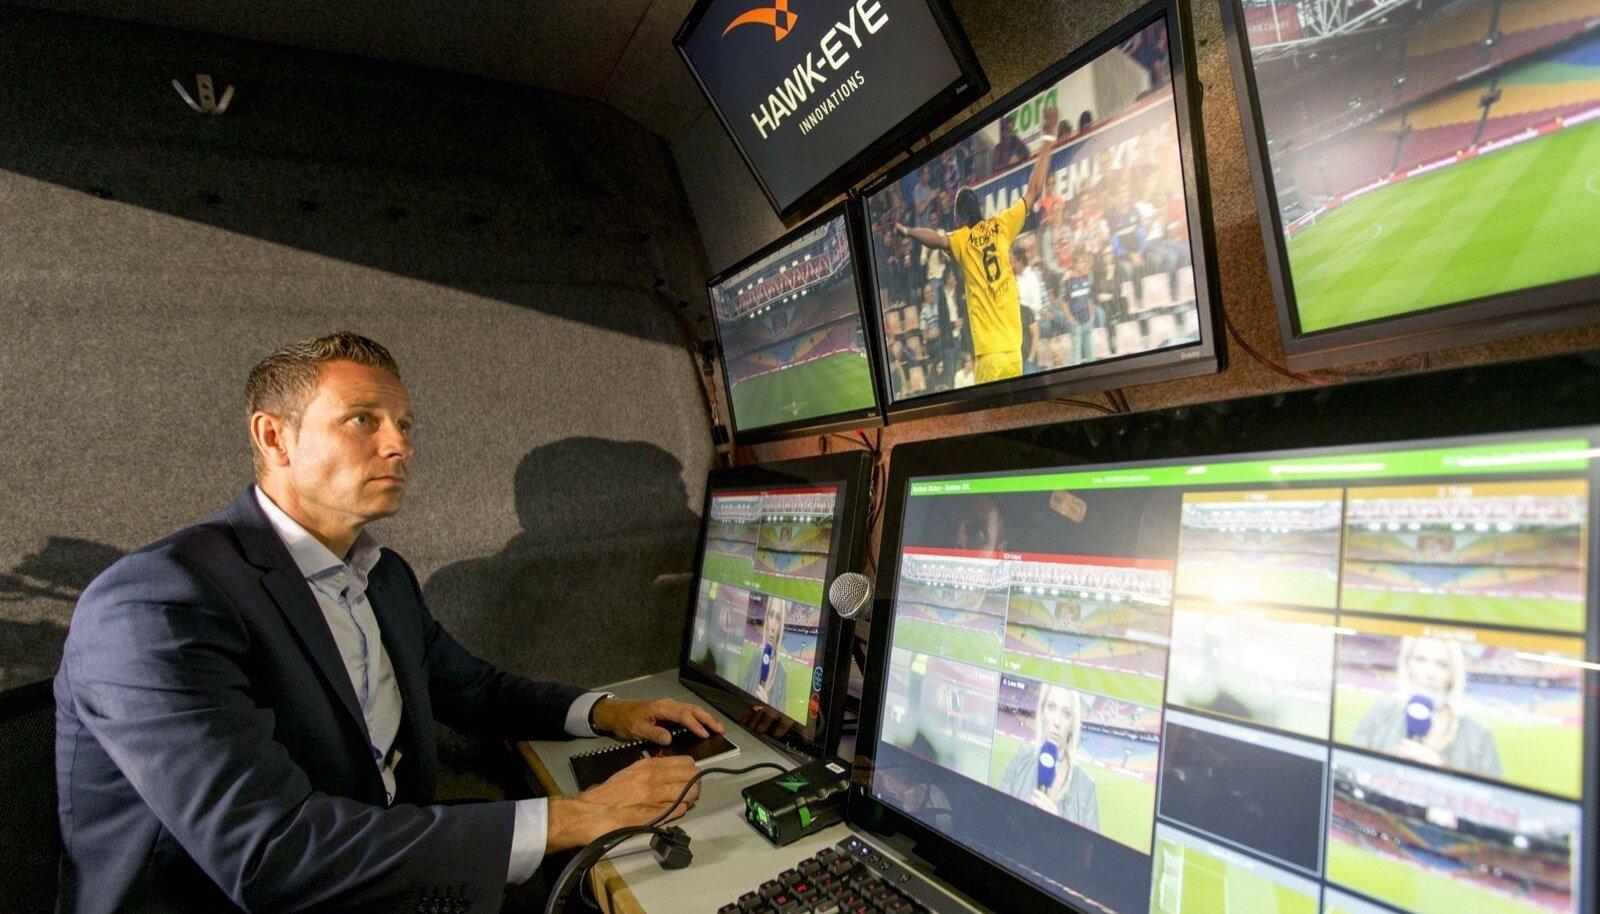 Videokohtunik Ajaxi ja Willem II mängul